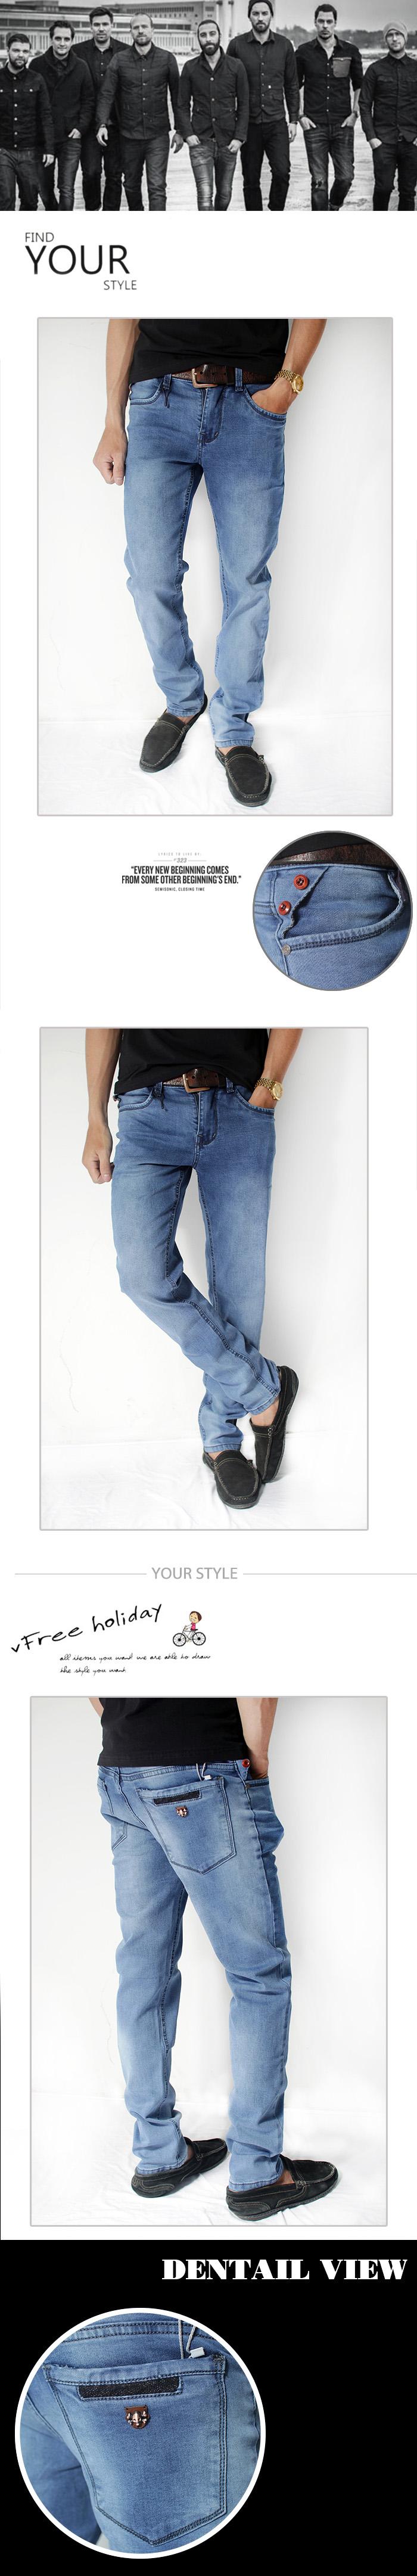 Quần jean xanh dương qj1159 - 1